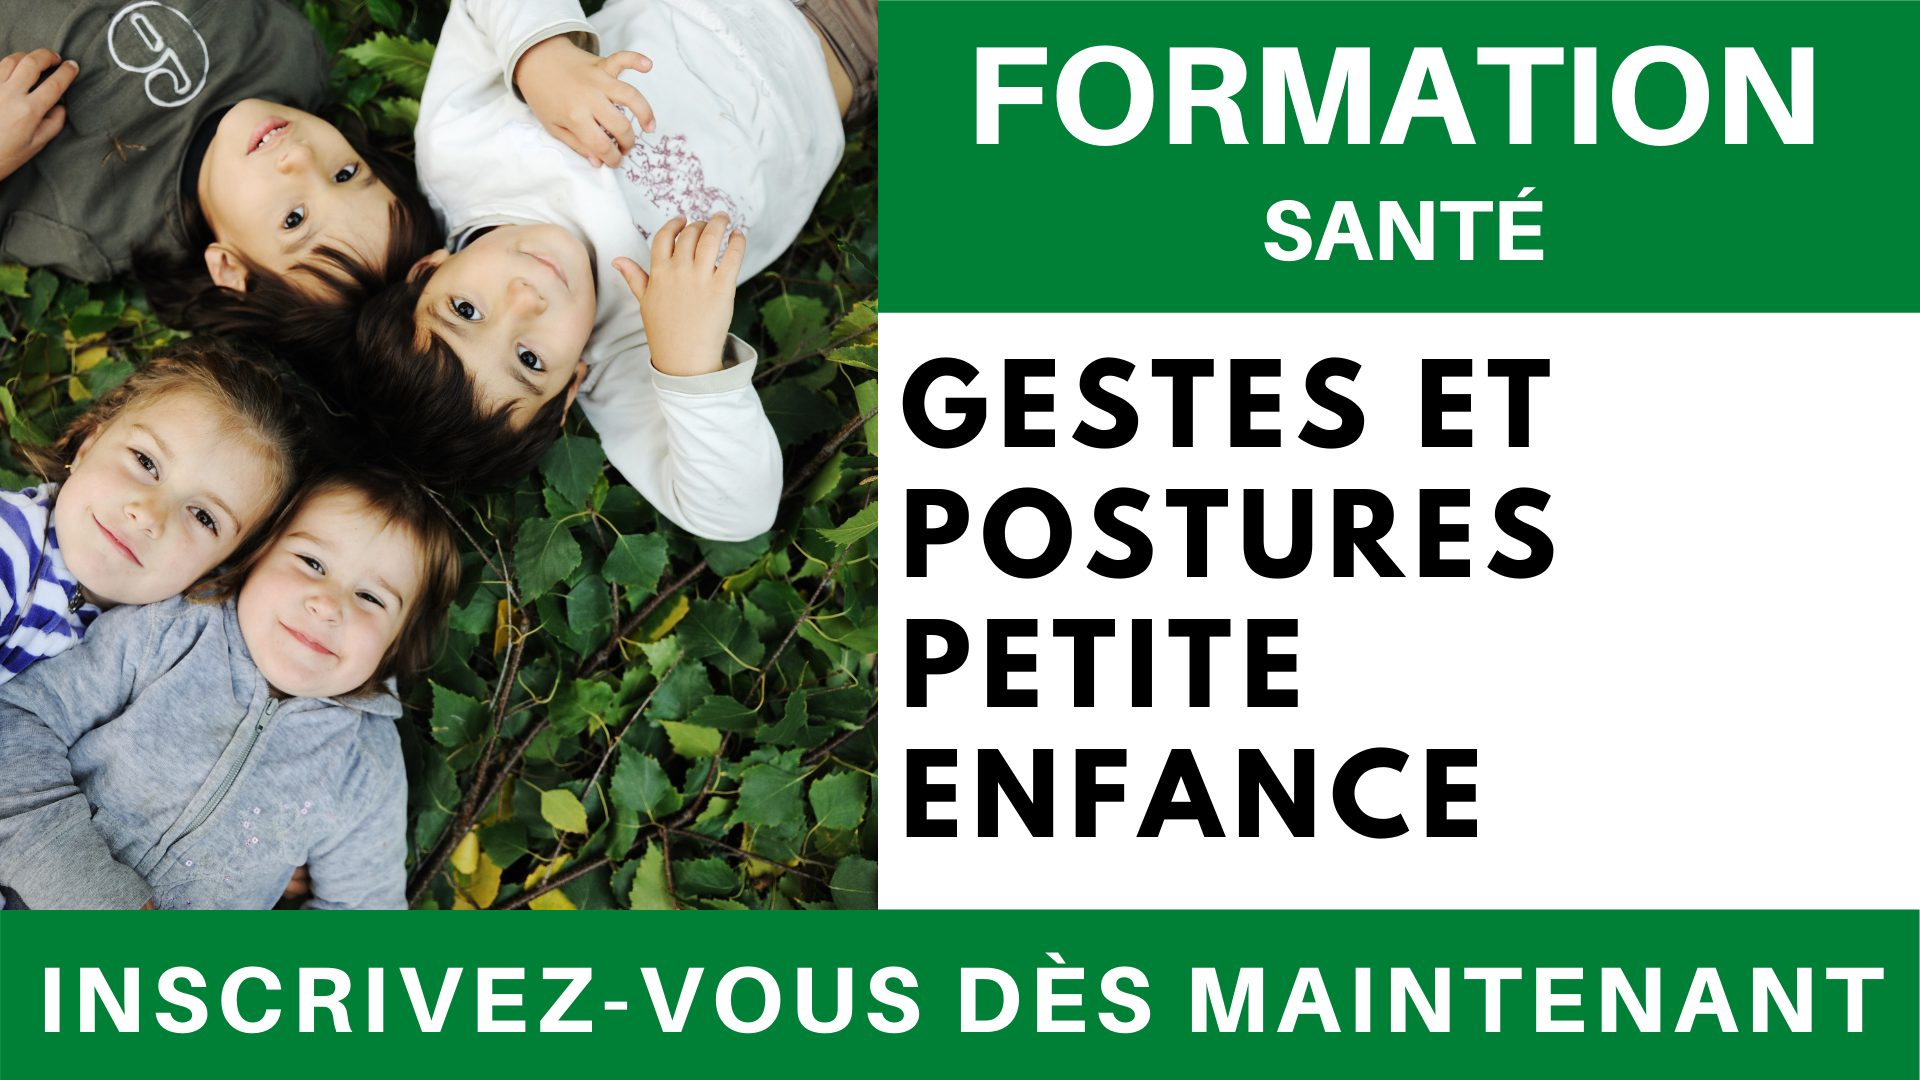 Formation SANTE - Gestes et postures petite enfance